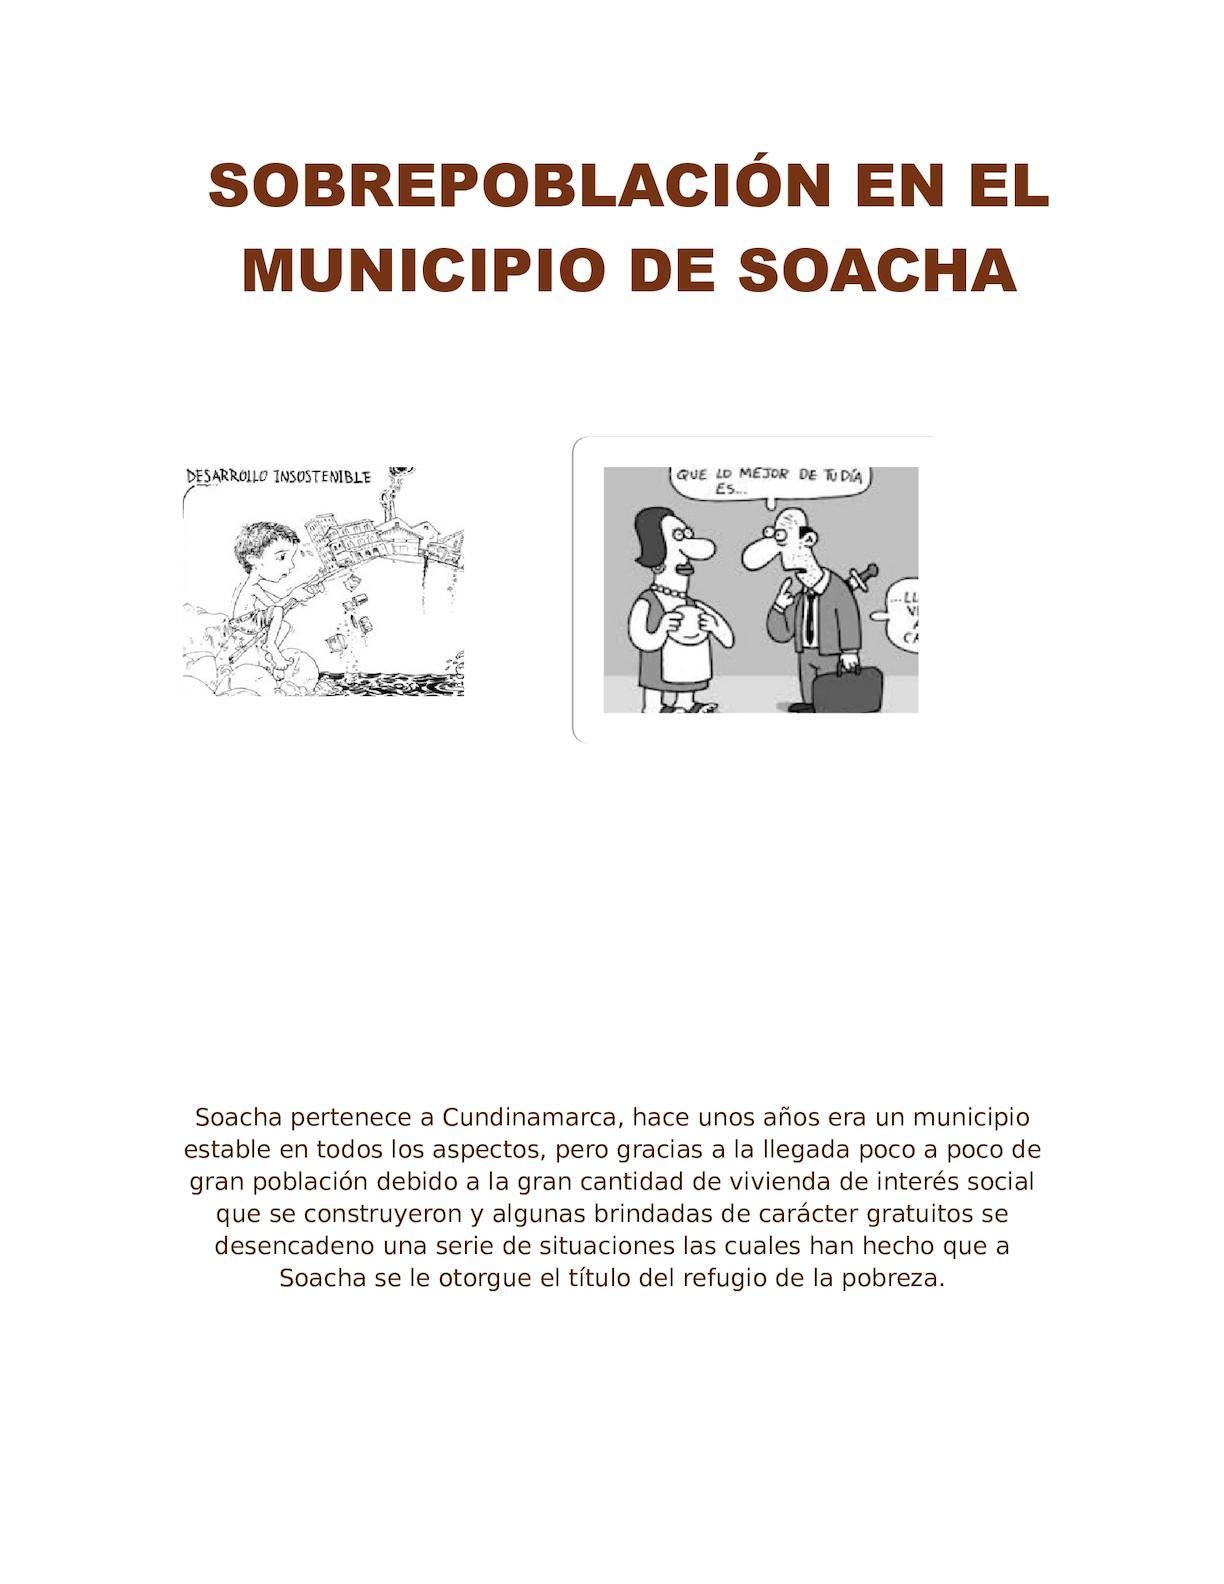 Sobrepoblacion En Soacha